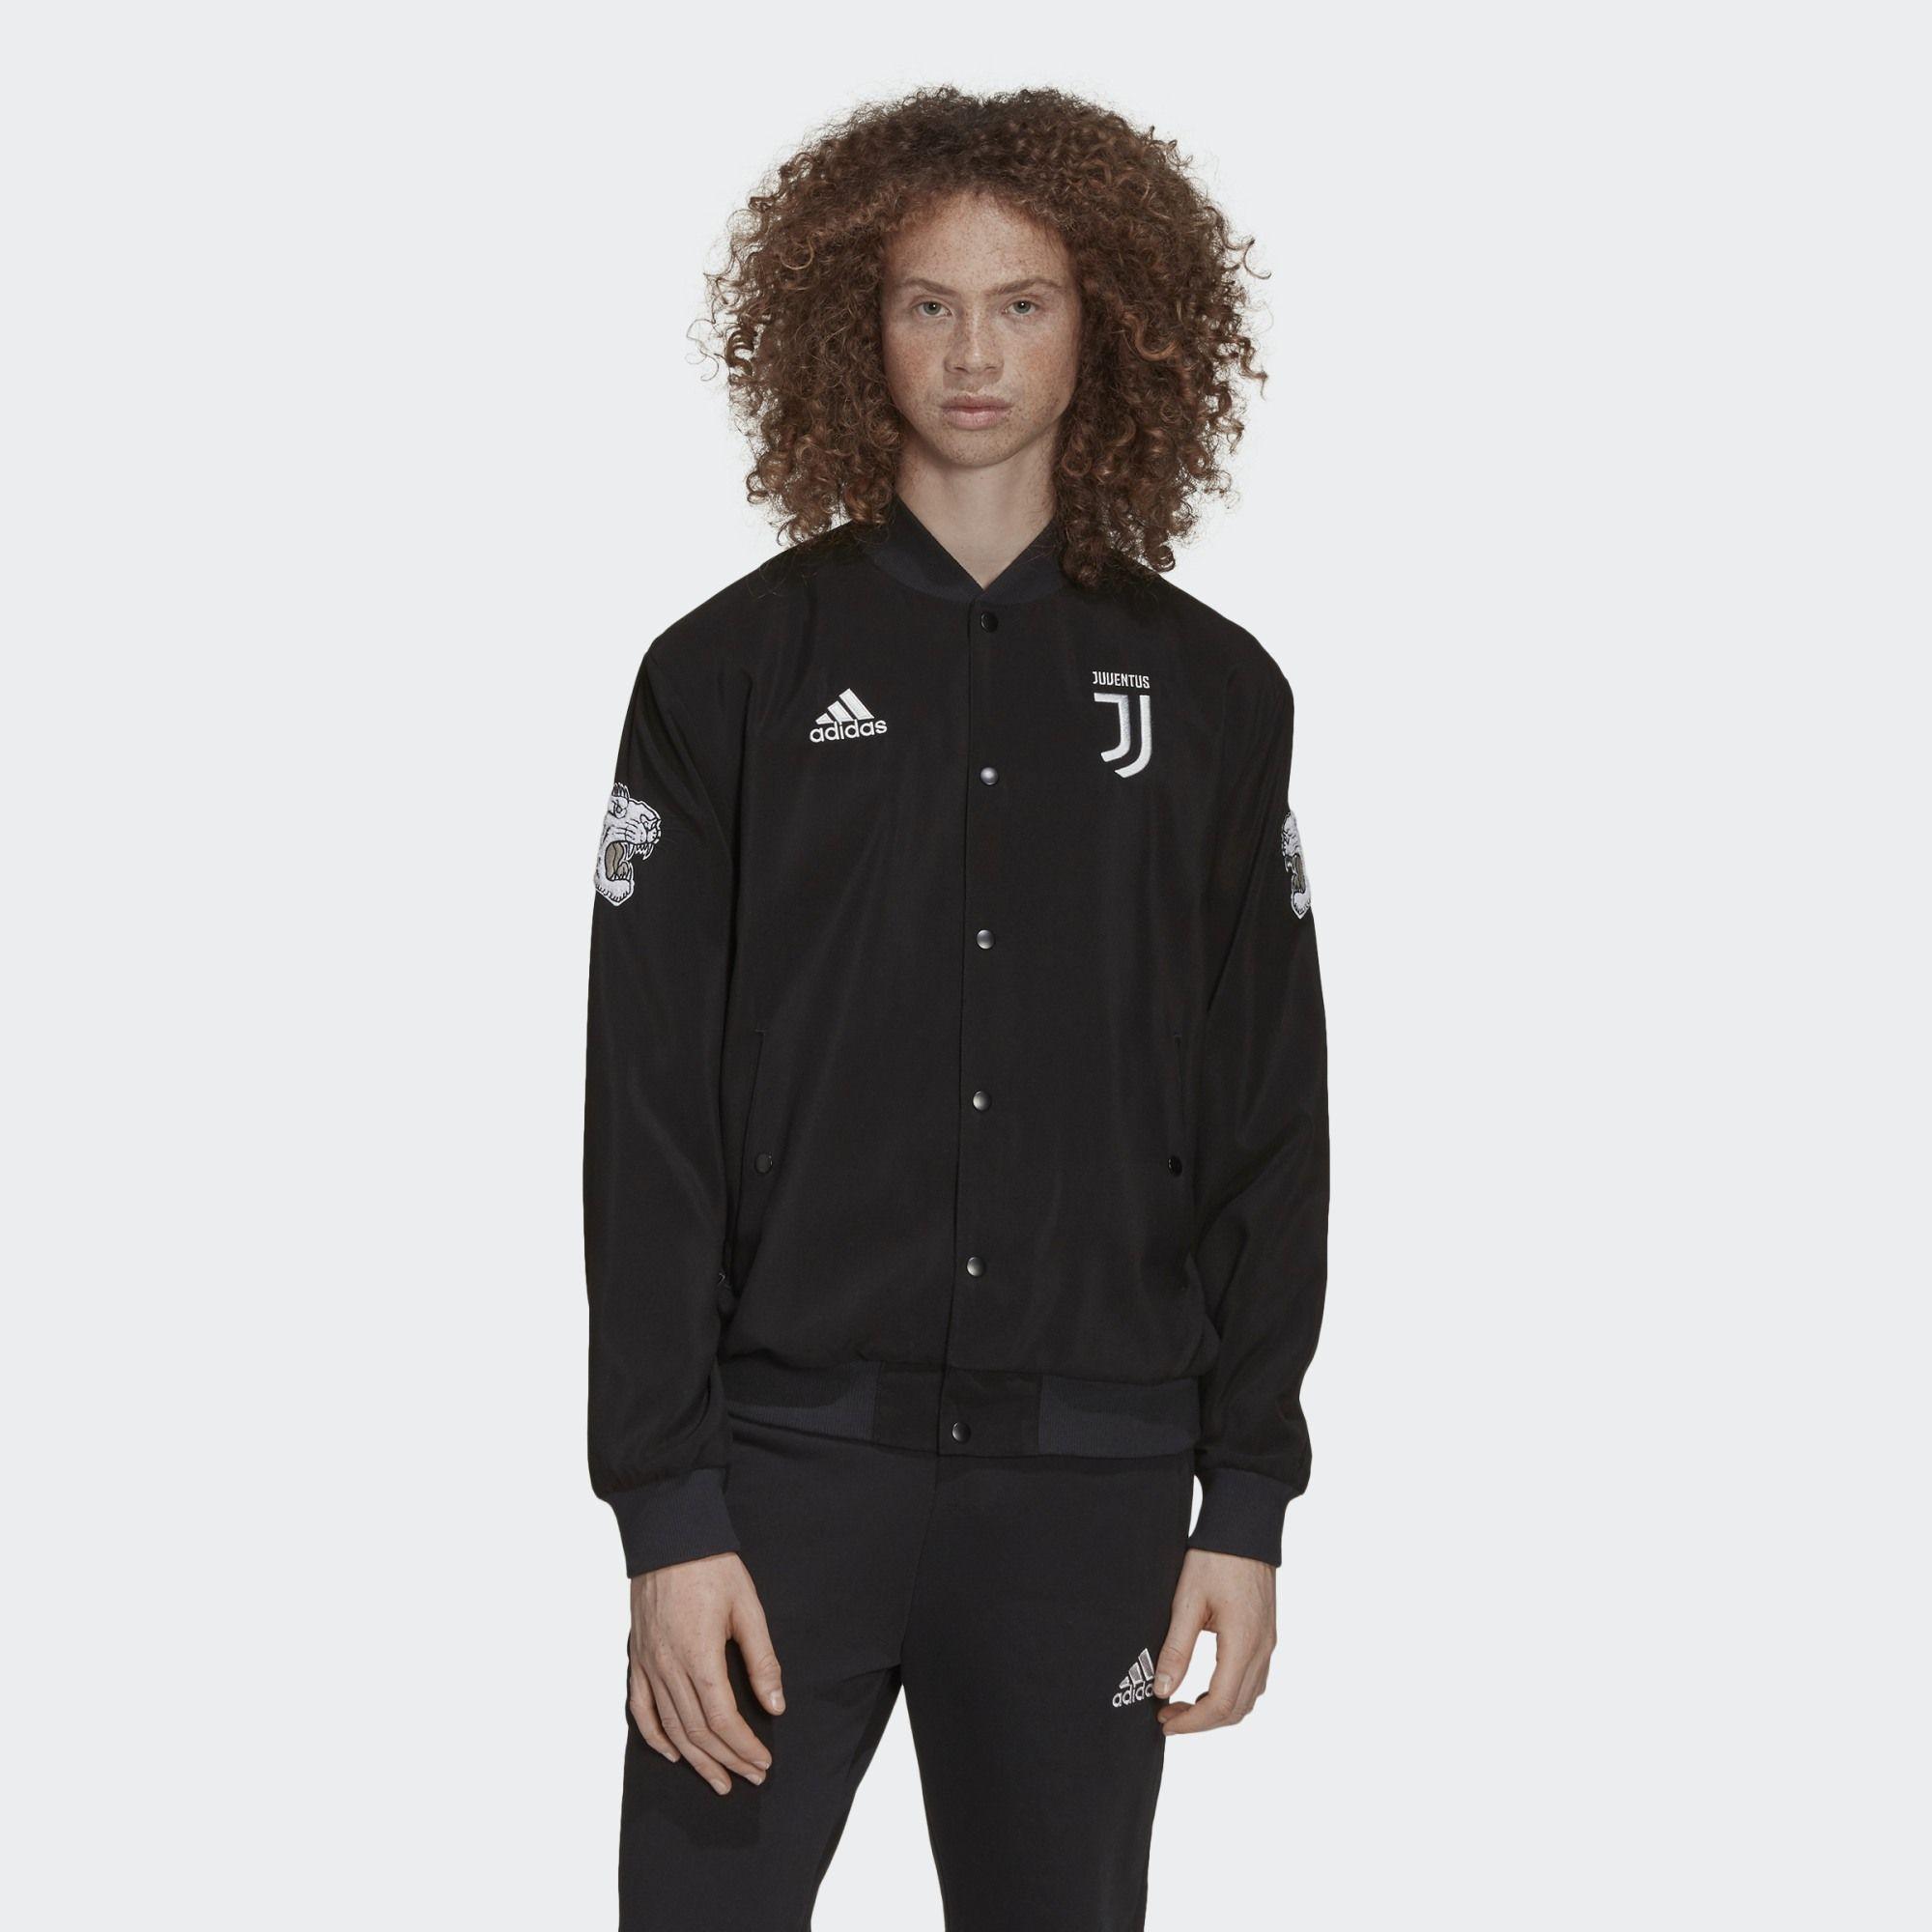 Adidas Juventus CNY Jacket Black #juve #juventus | Jackets